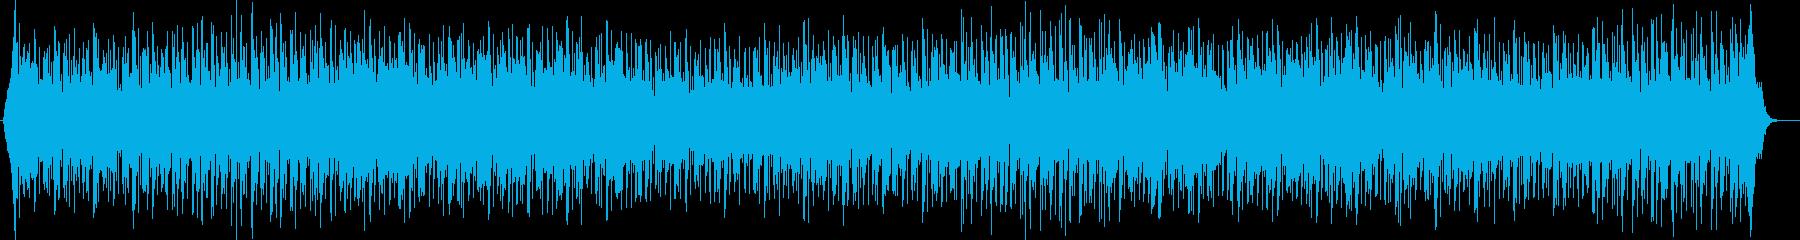 軽快でリズミカルなドラムが特徴のポップスの再生済みの波形